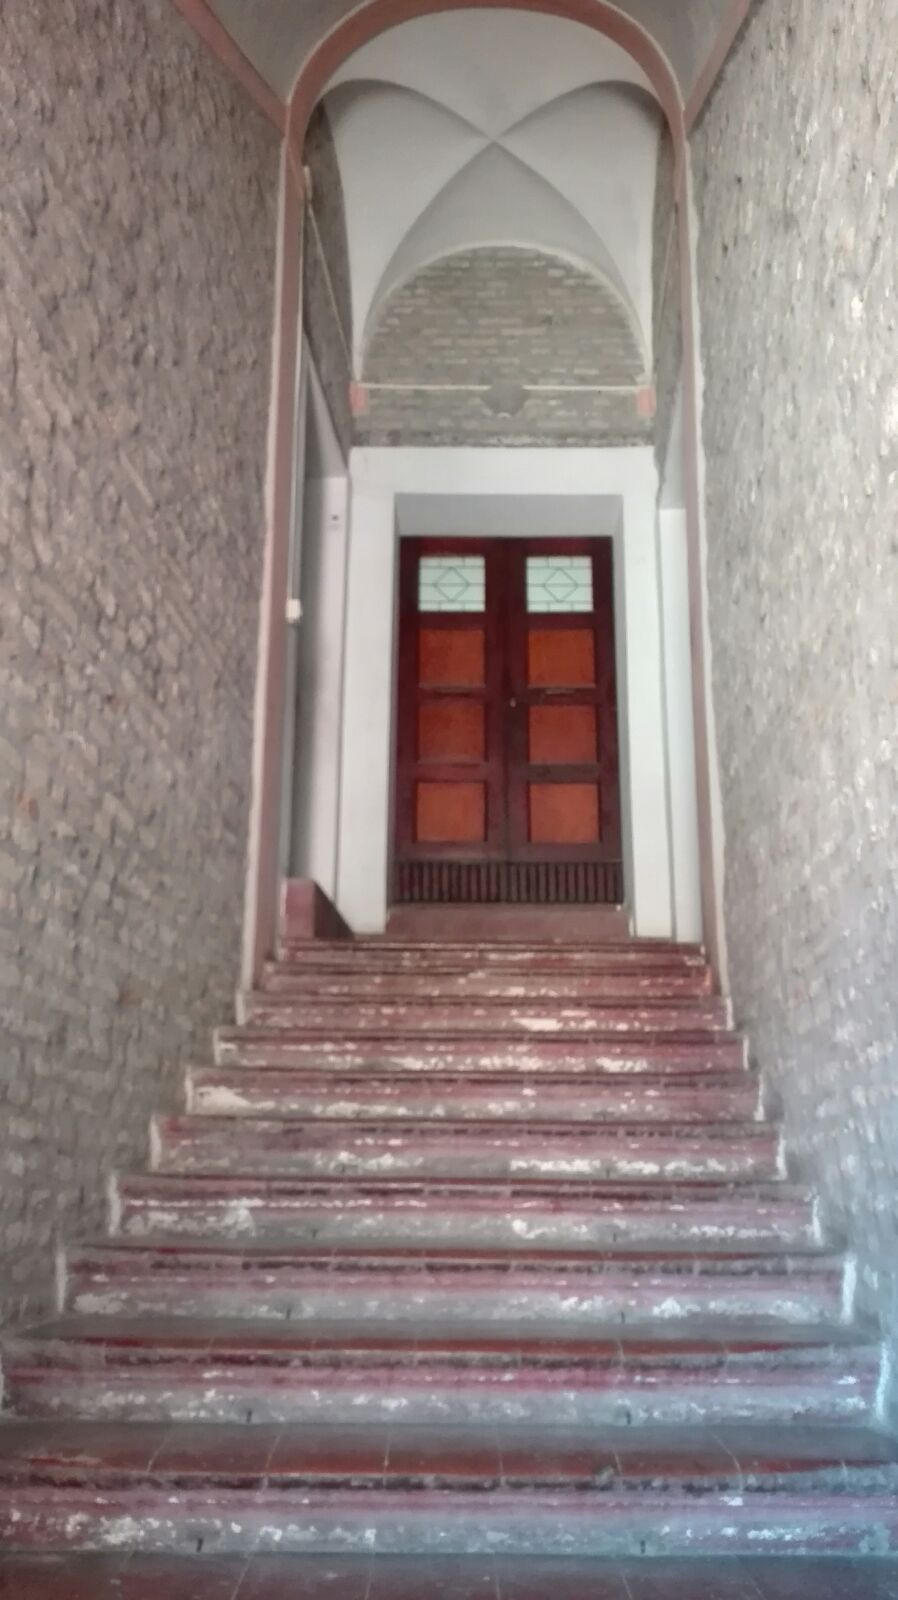 Appartamento in vendita a Bagnacavallo, 1 locali, prezzo € 48.000 | CambioCasa.it